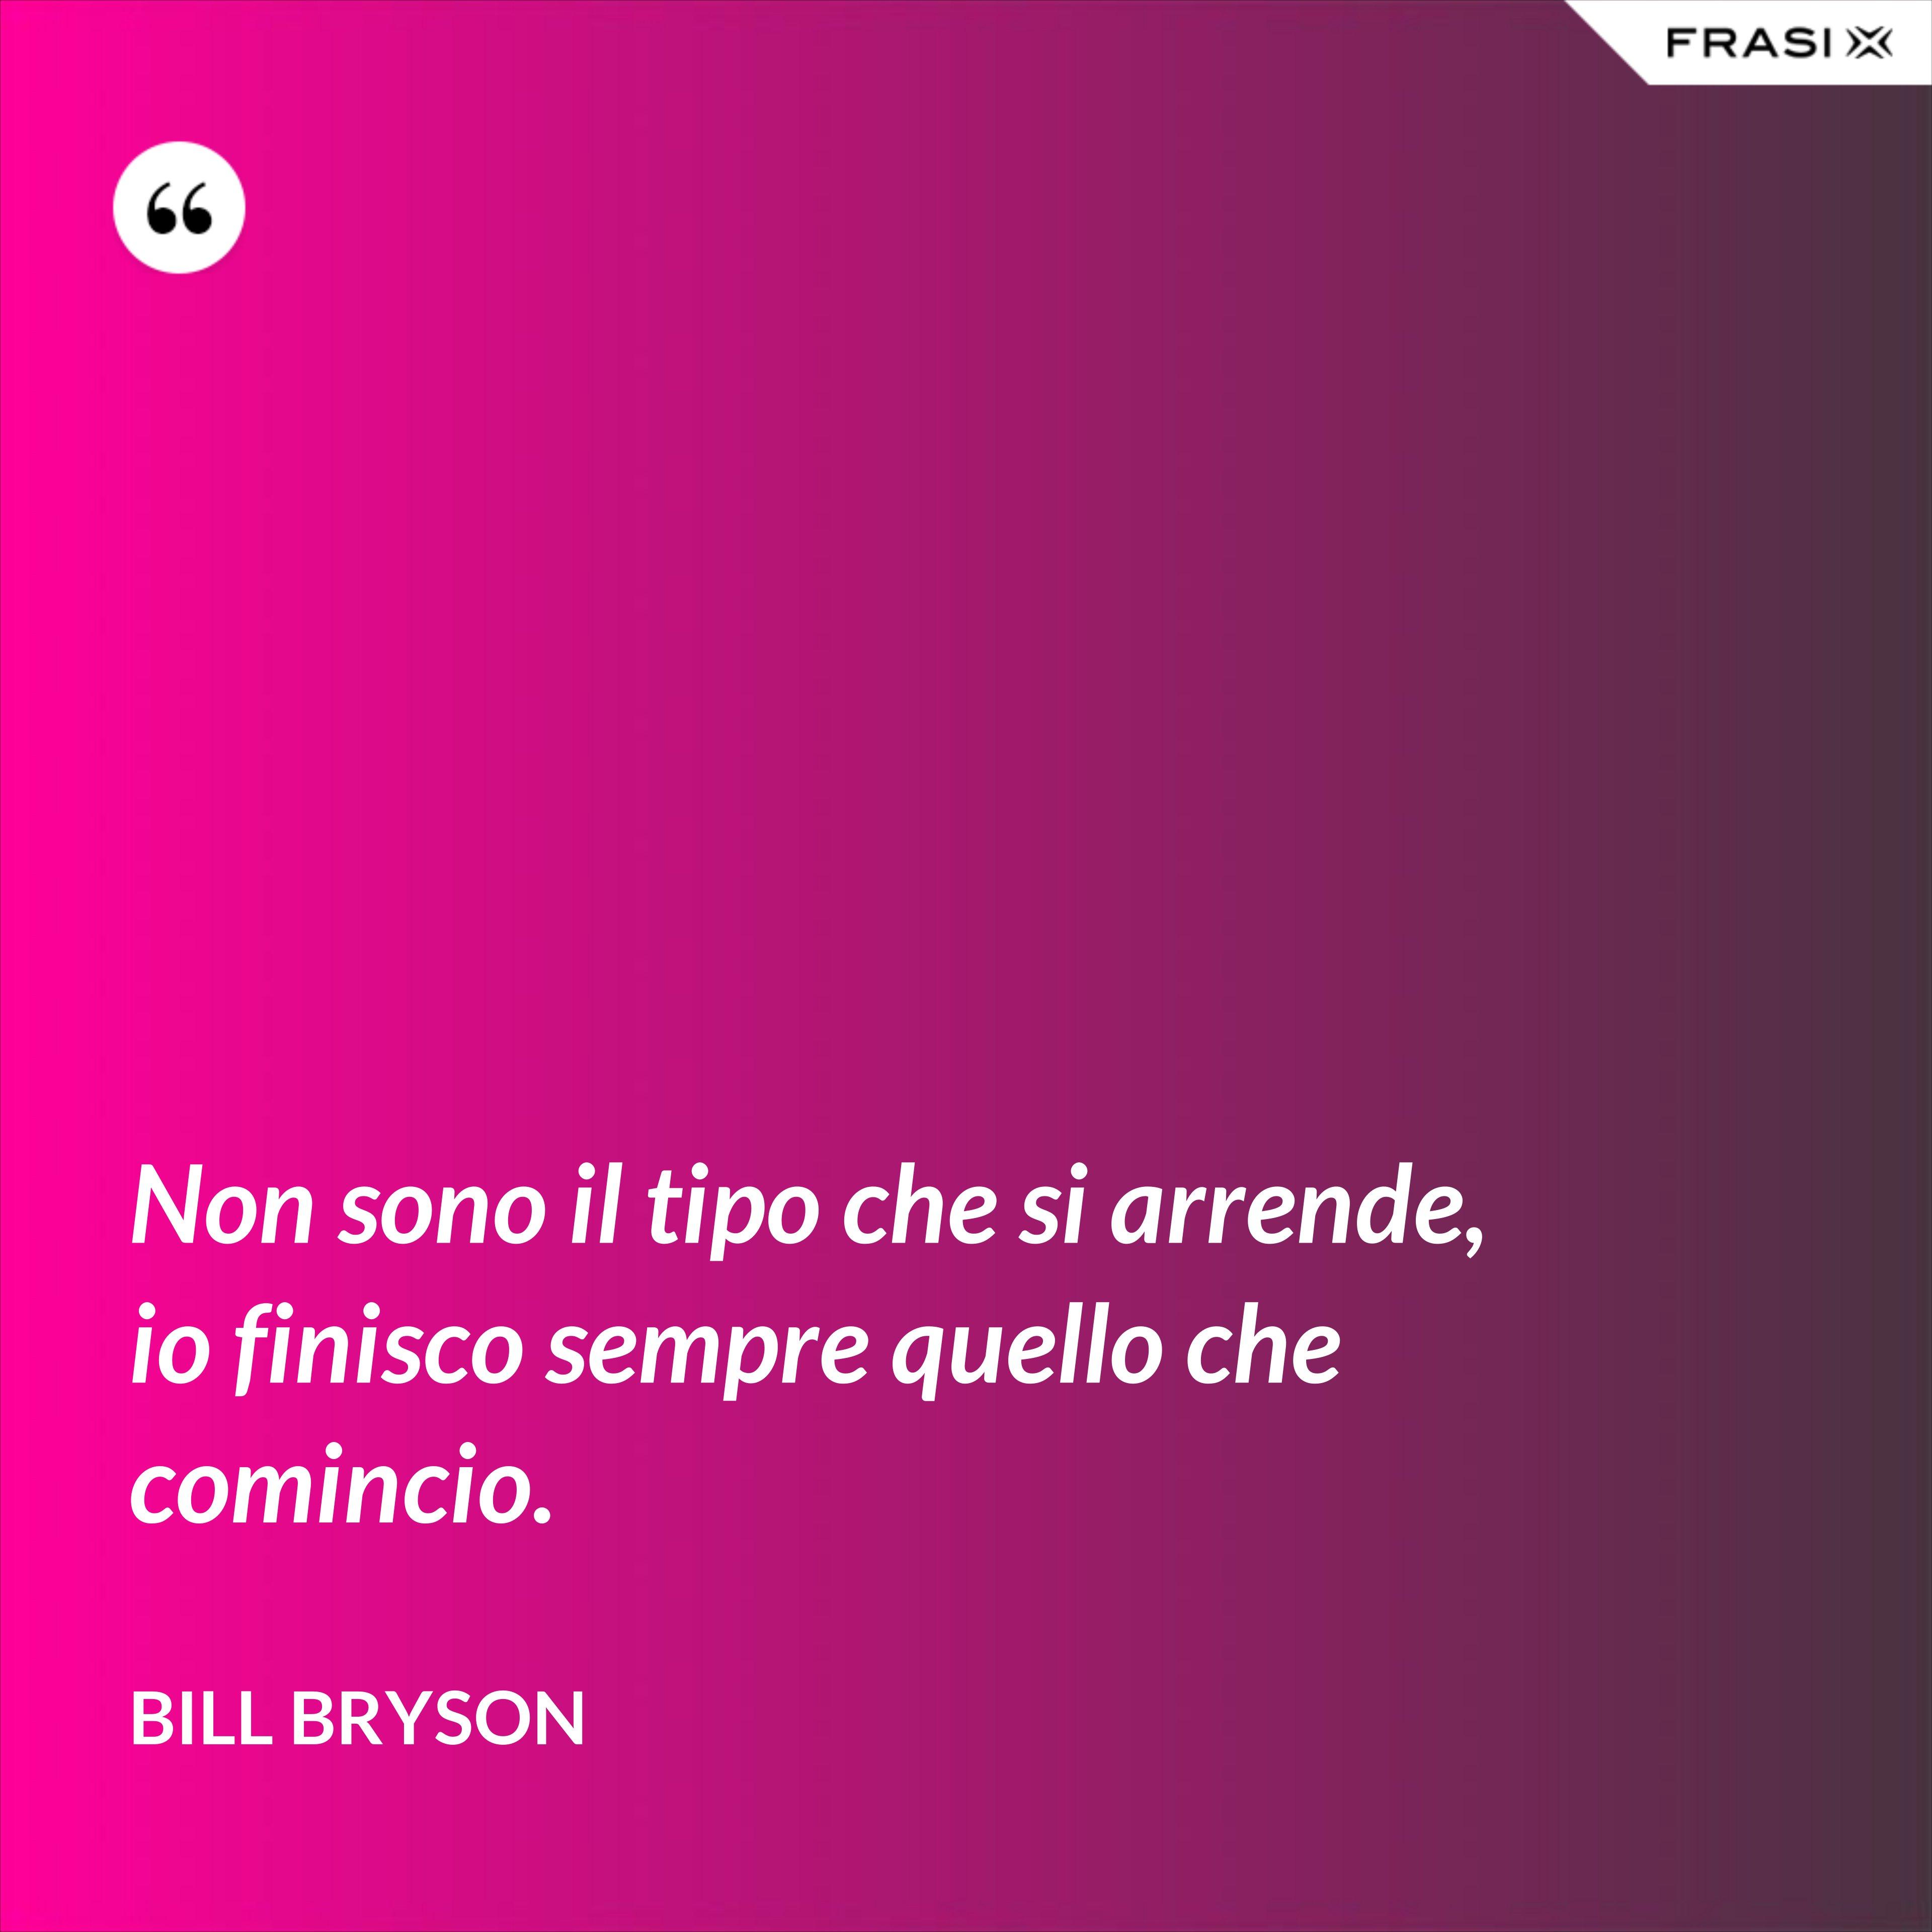 Non sono il tipo che si arrende, io finisco sempre quello che comincio. - Bill Bryson